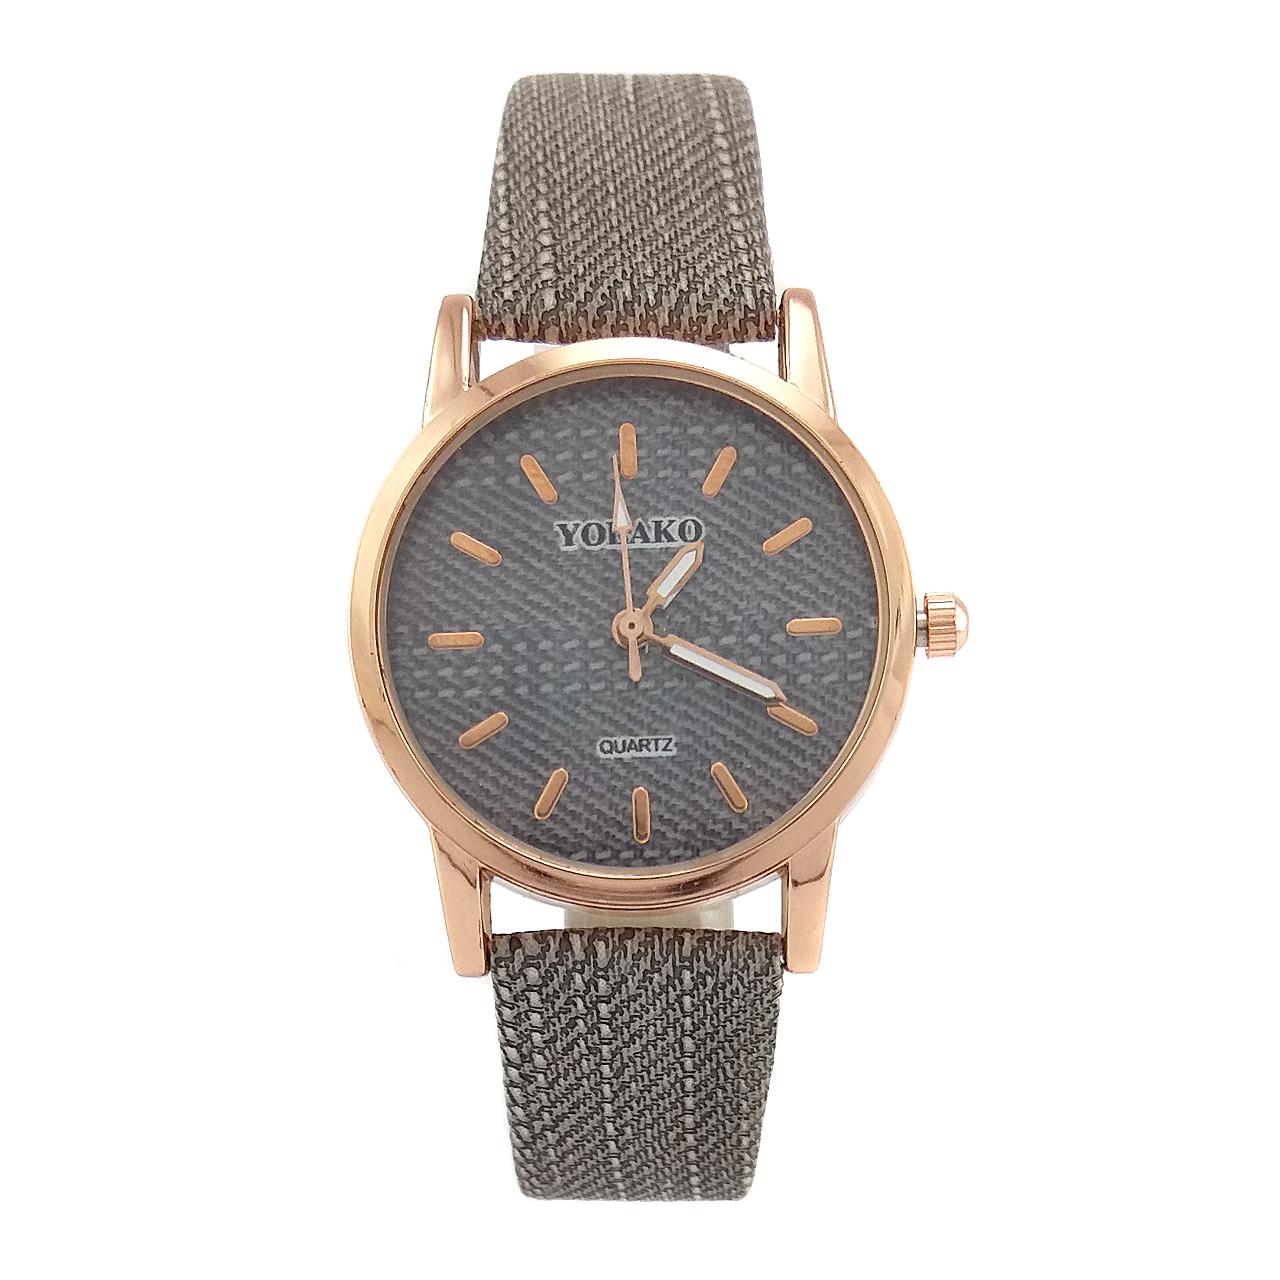 خرید ساعت مچی عقربه ای زنانه یولاکو کد1428